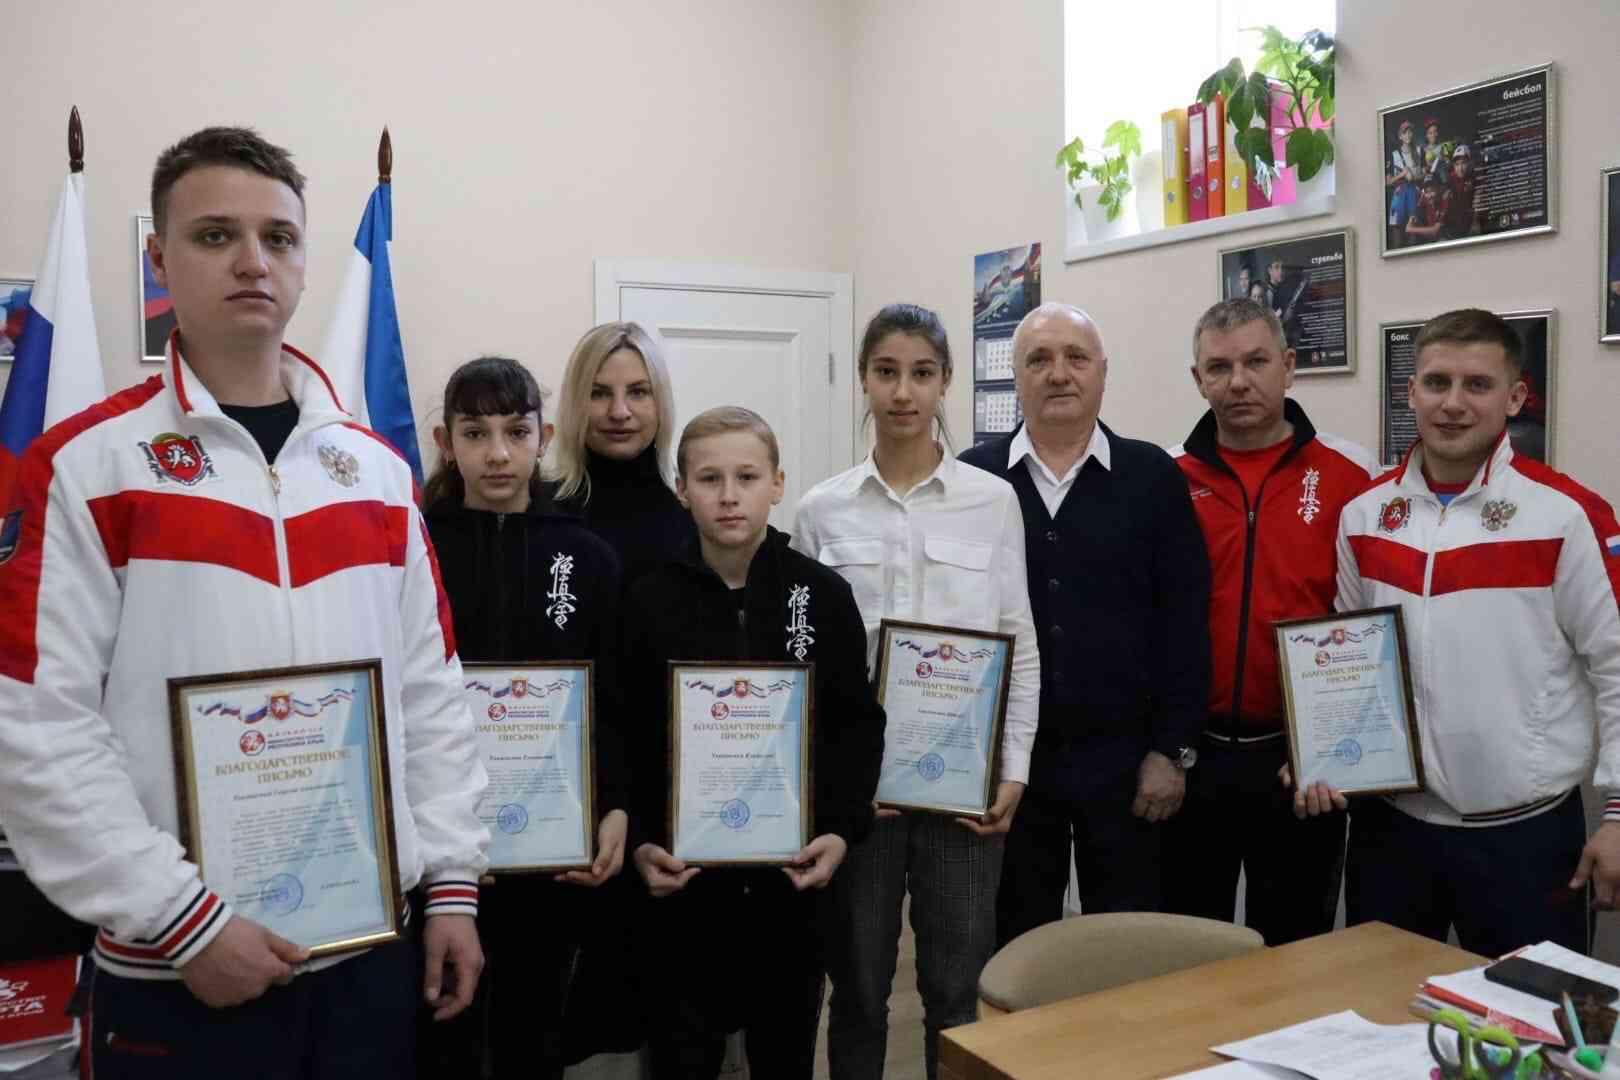 Джанкой в объективе Первенство Джанкоя по каратэ объединило 200 спортсменов Крым крыма по карате